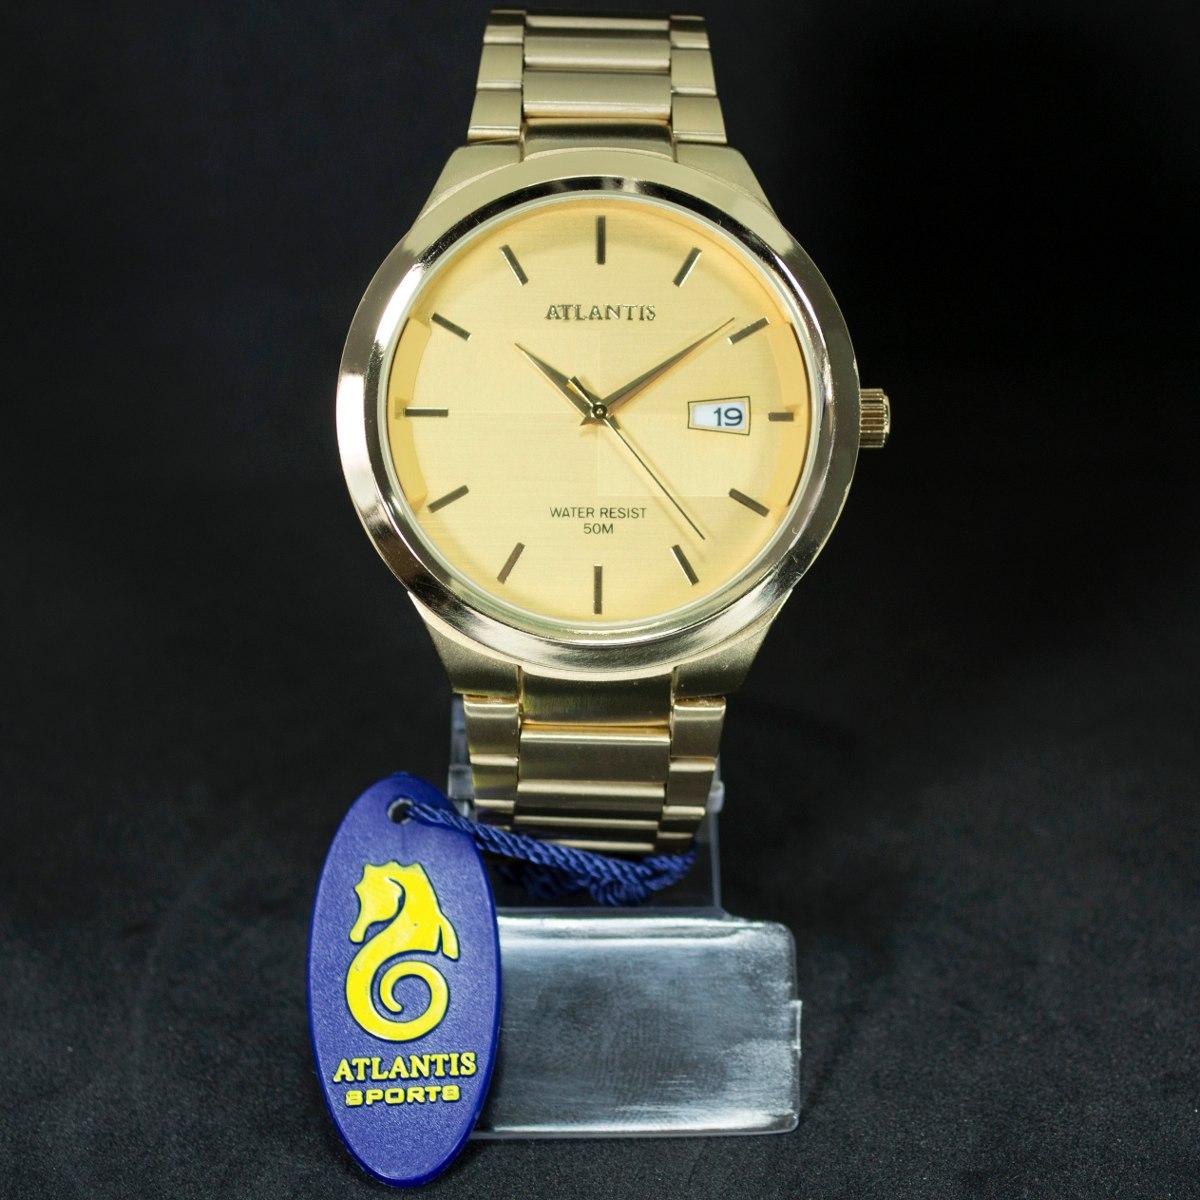 e9298f9df4b relógio masculino dourado atlantis original calendário caixa. Carregando  zoom.